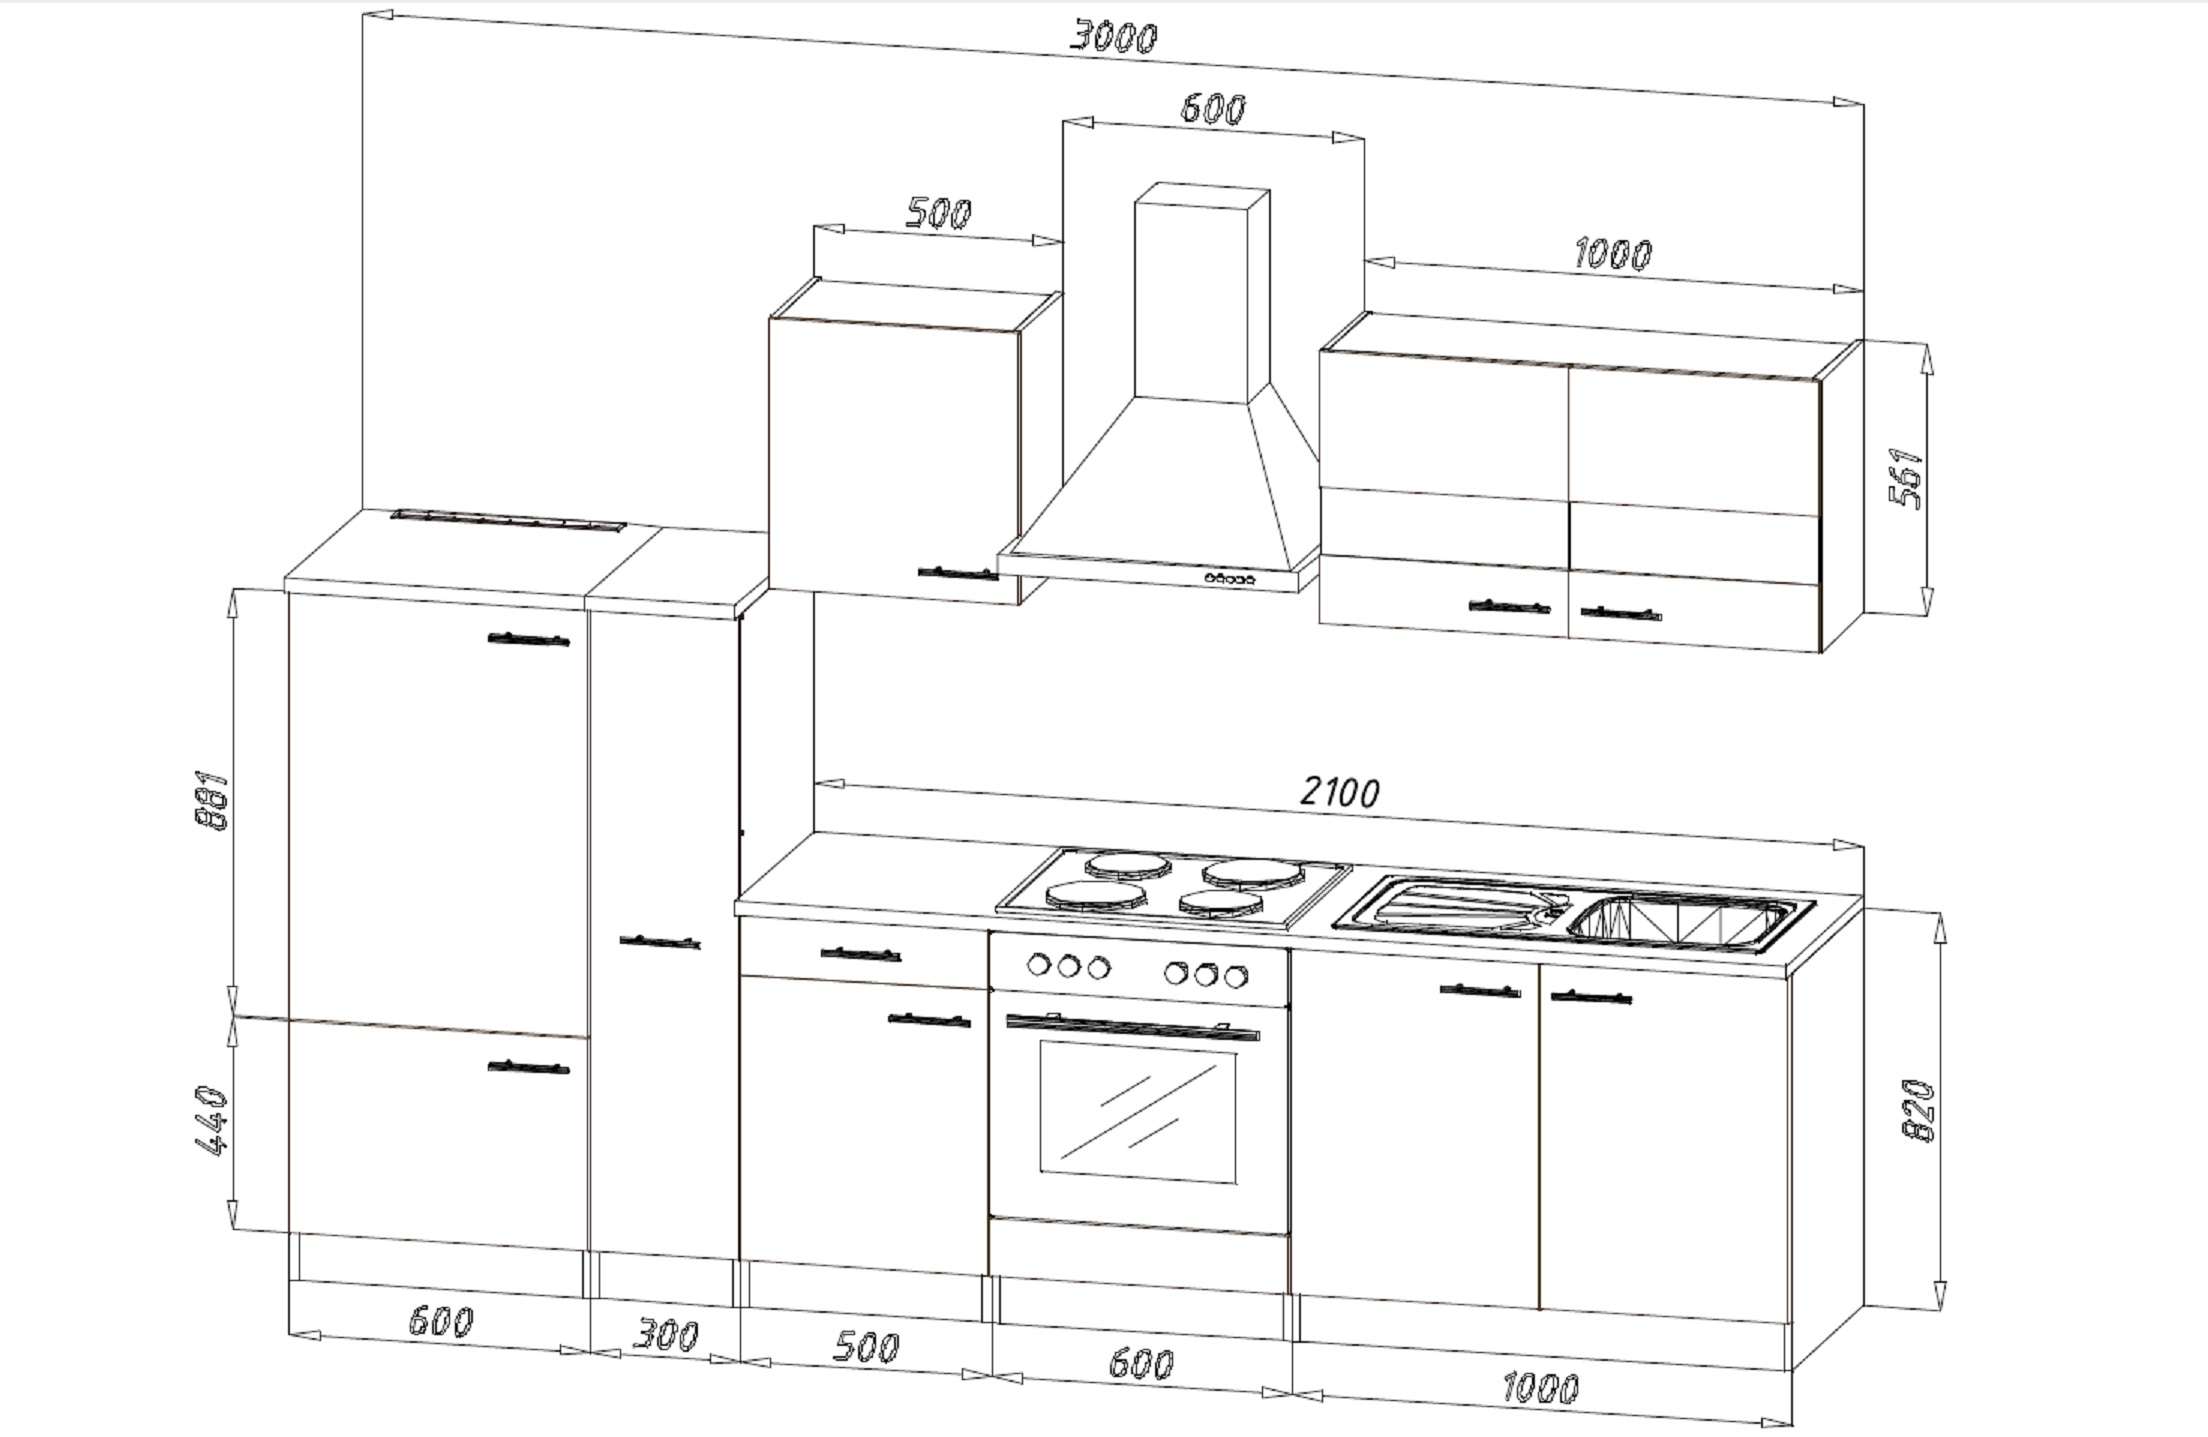 K che k chenzeile k chenblock einbau leerblock 300 cm for Kuchenzeile 300 cm